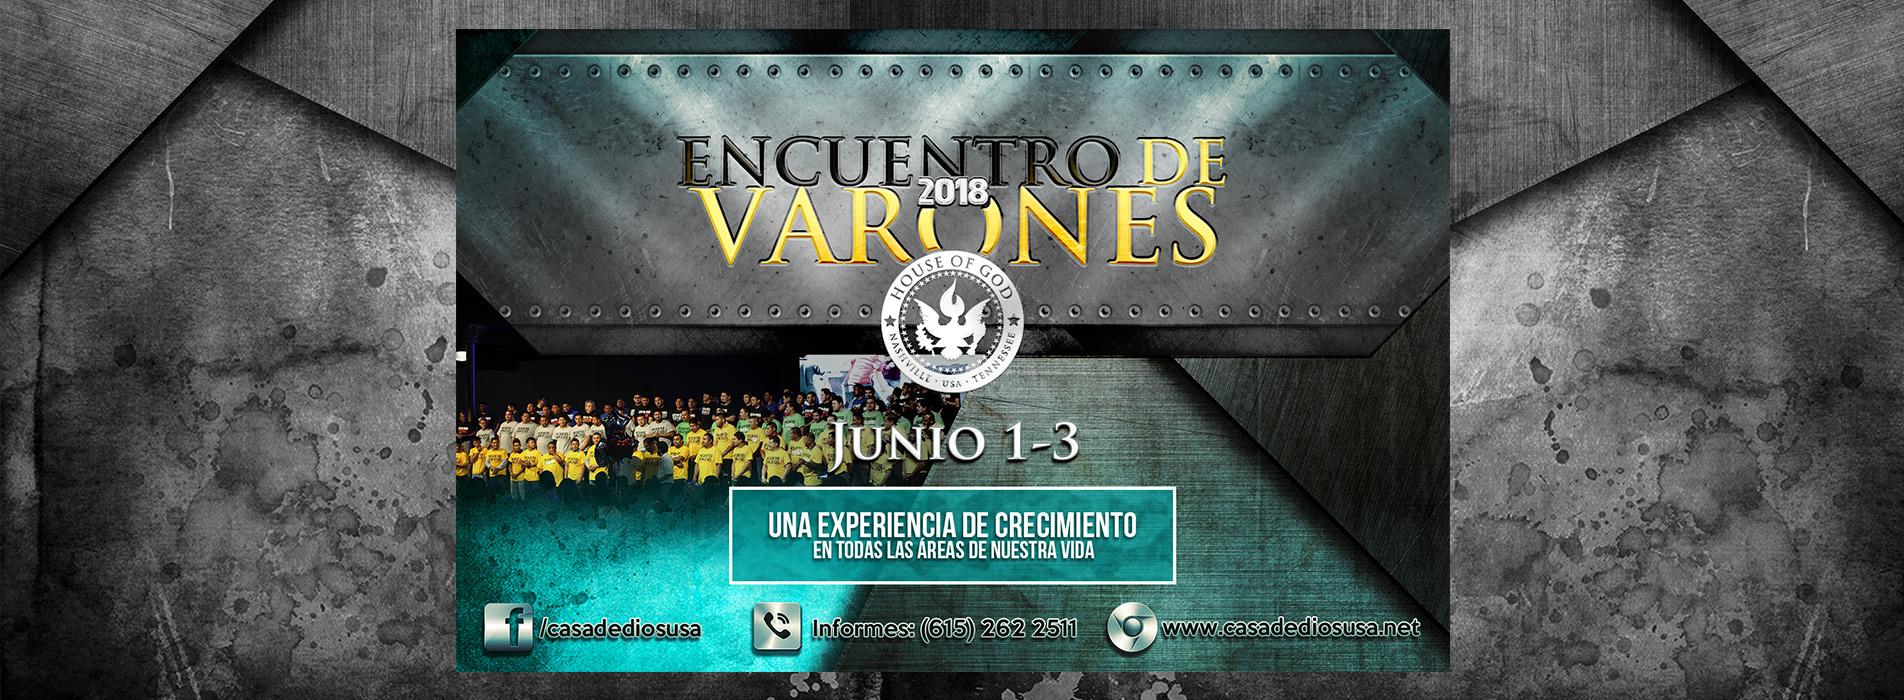 Main-Slider-Encuentro-de-Varones-2018